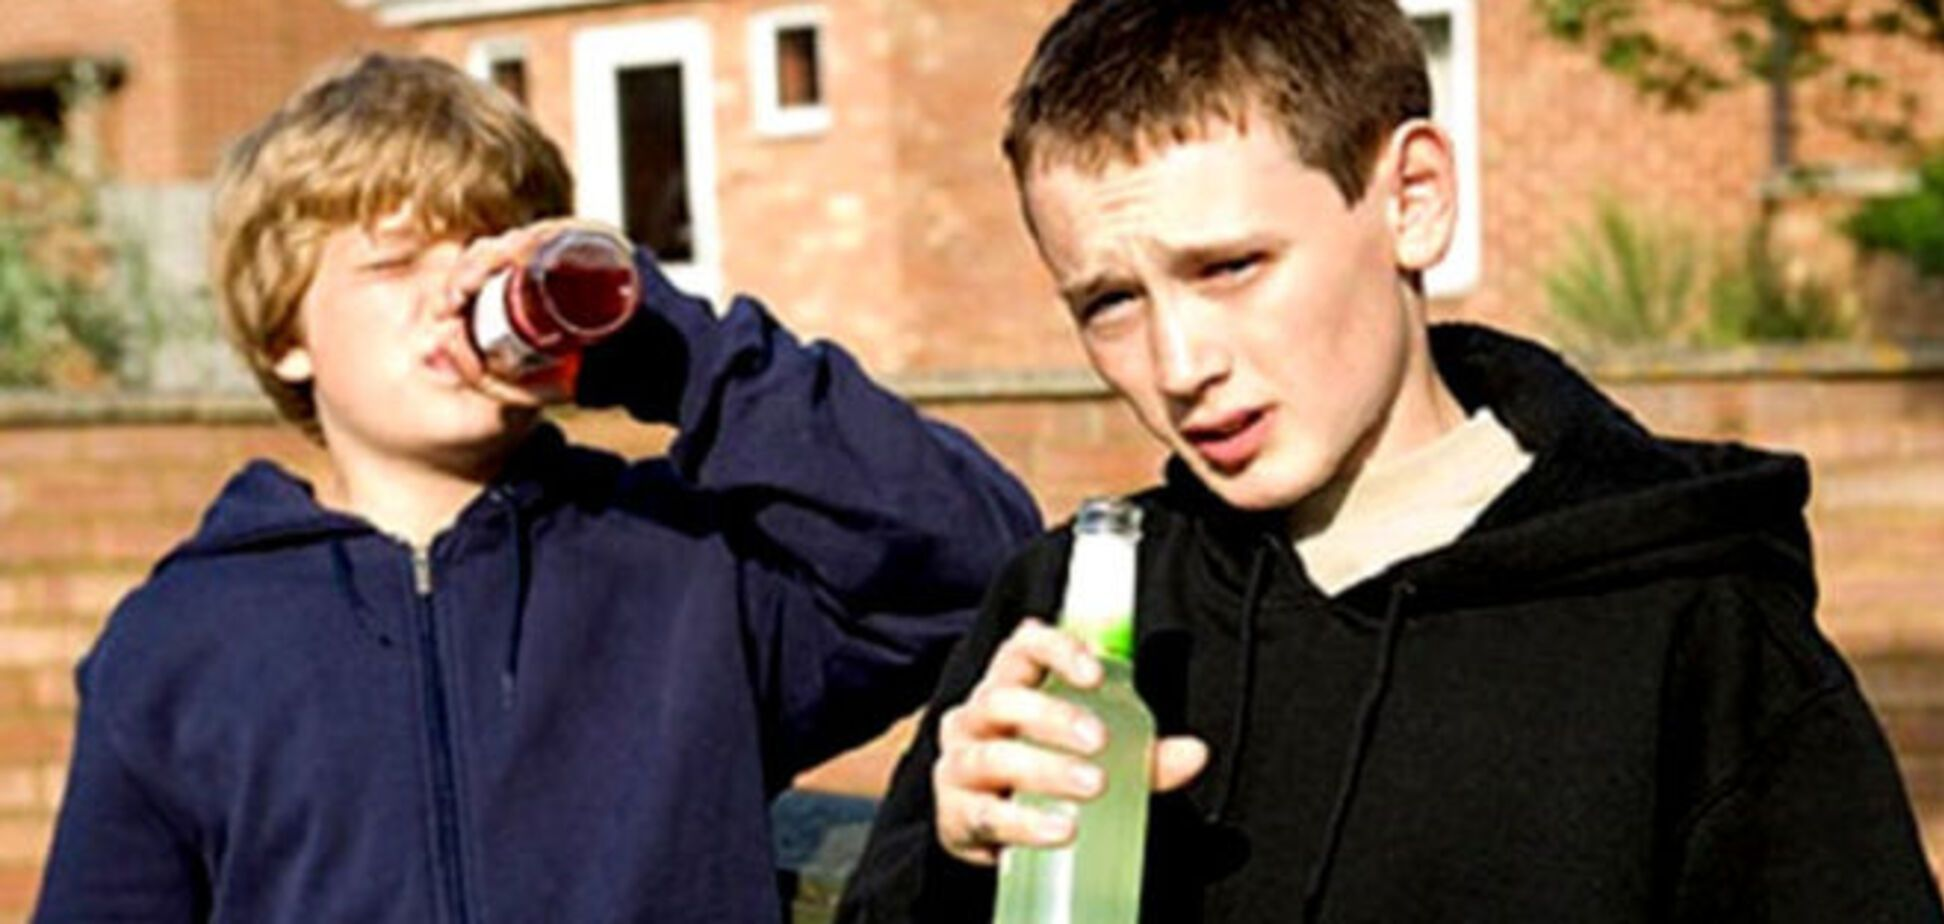 В подростковом алкоголизме виноваты родители